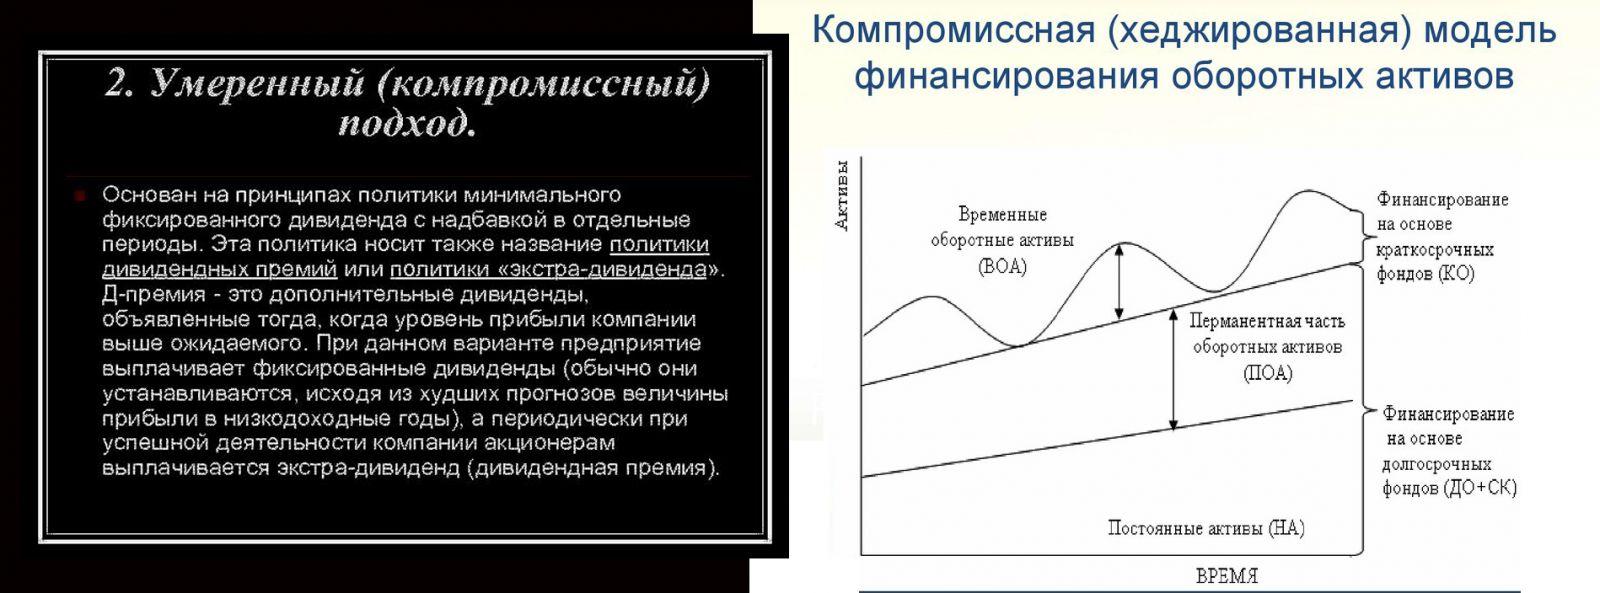 Определение умеренного подхода